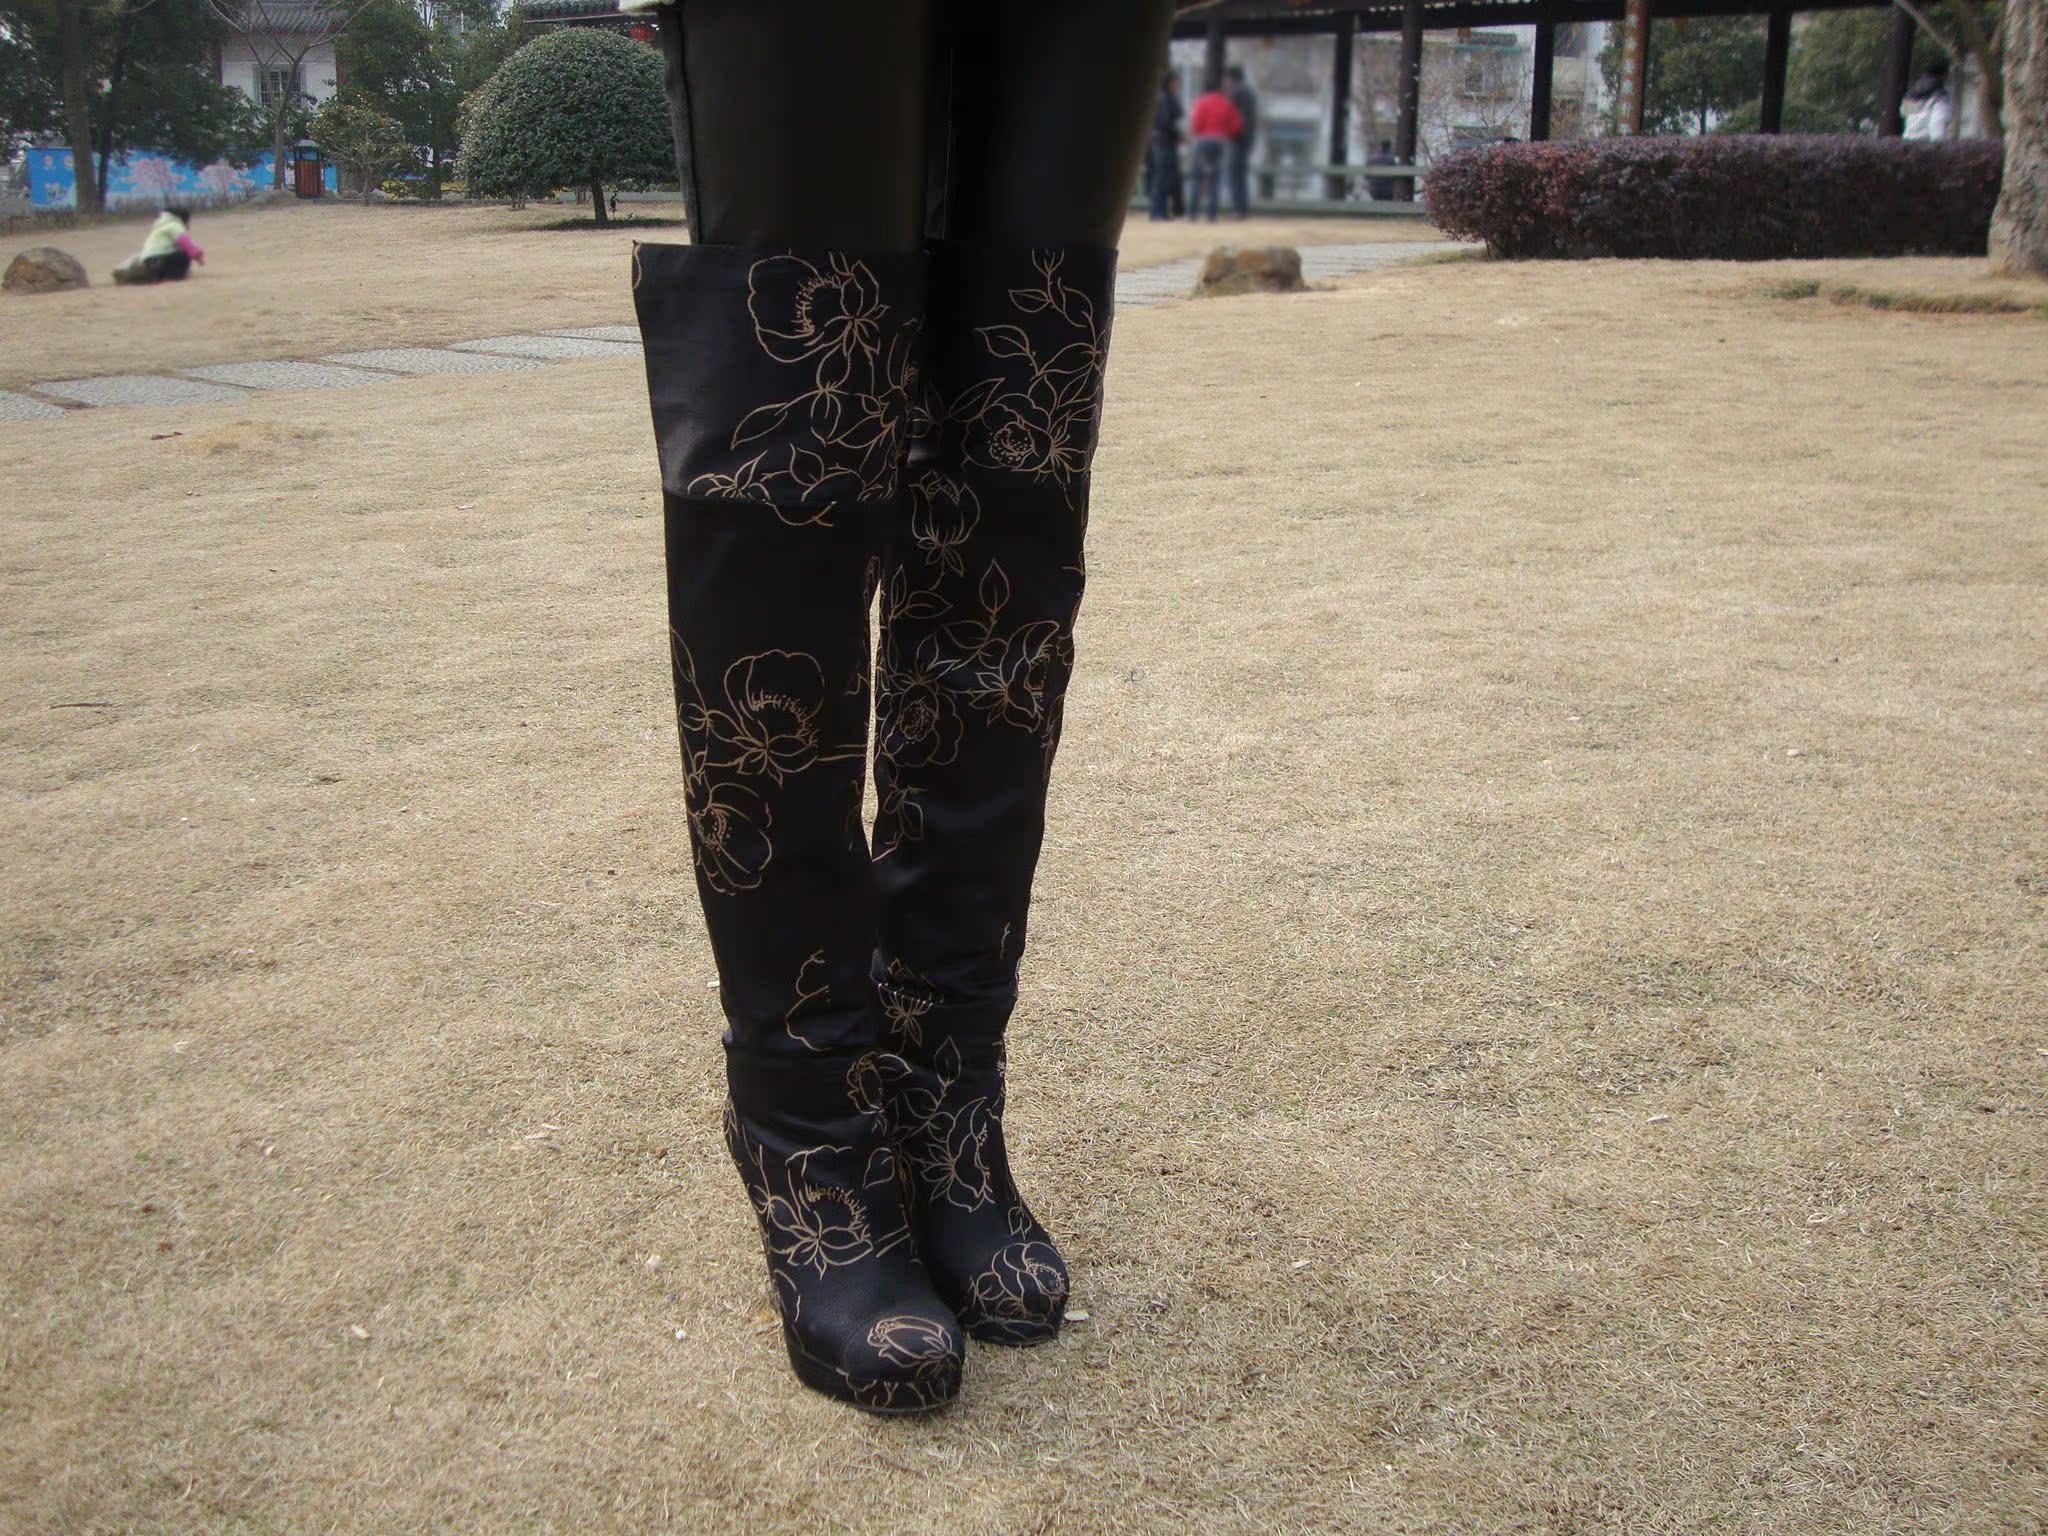 Женские сапоги Beyond3cm / / высокие каблуки/стилеты/над сапоги черные шелковые ткани бутик